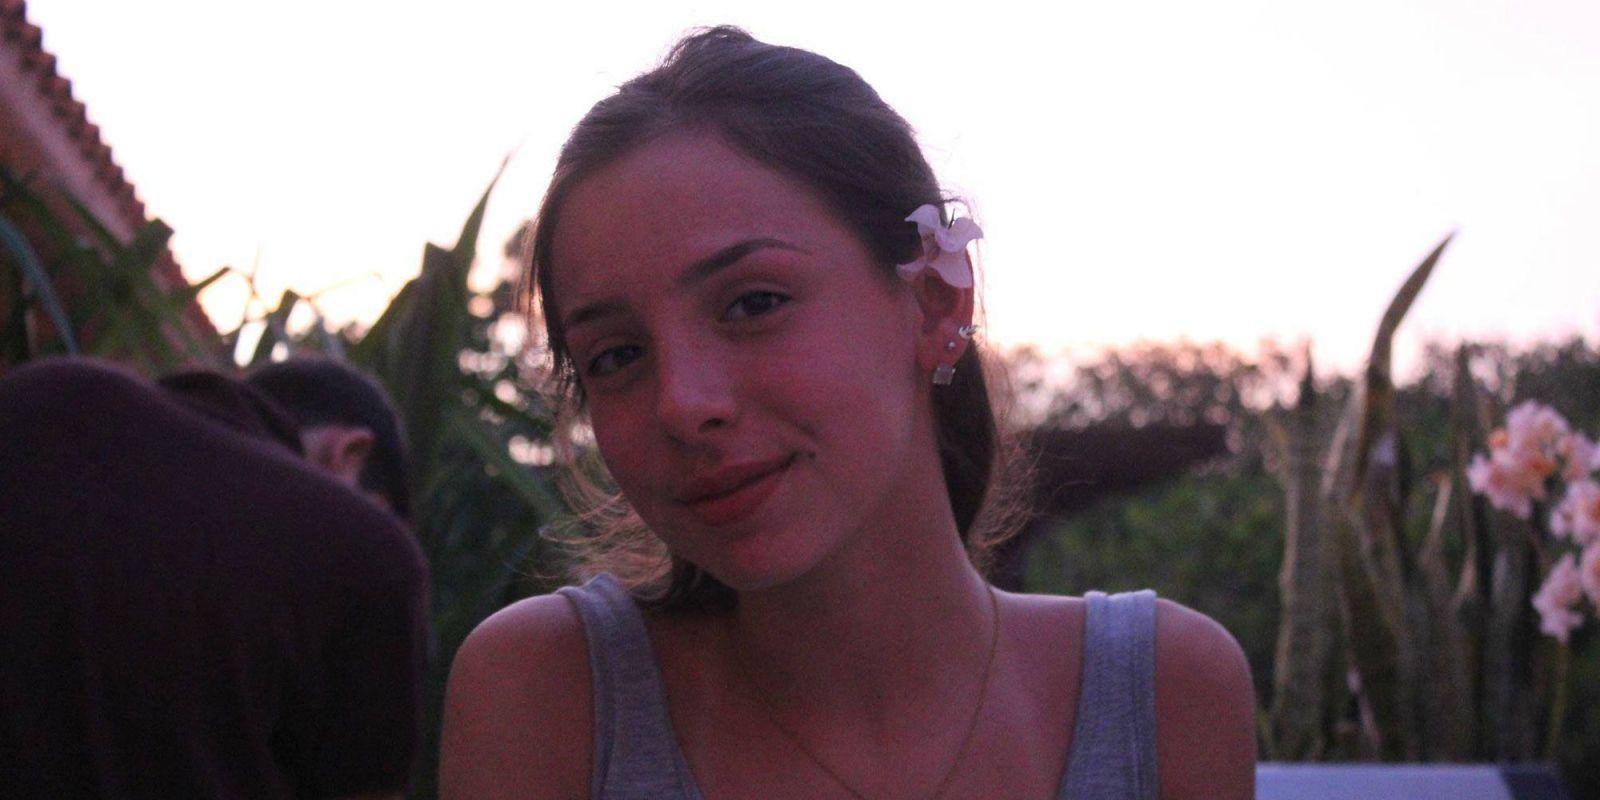 Young teen sluts party